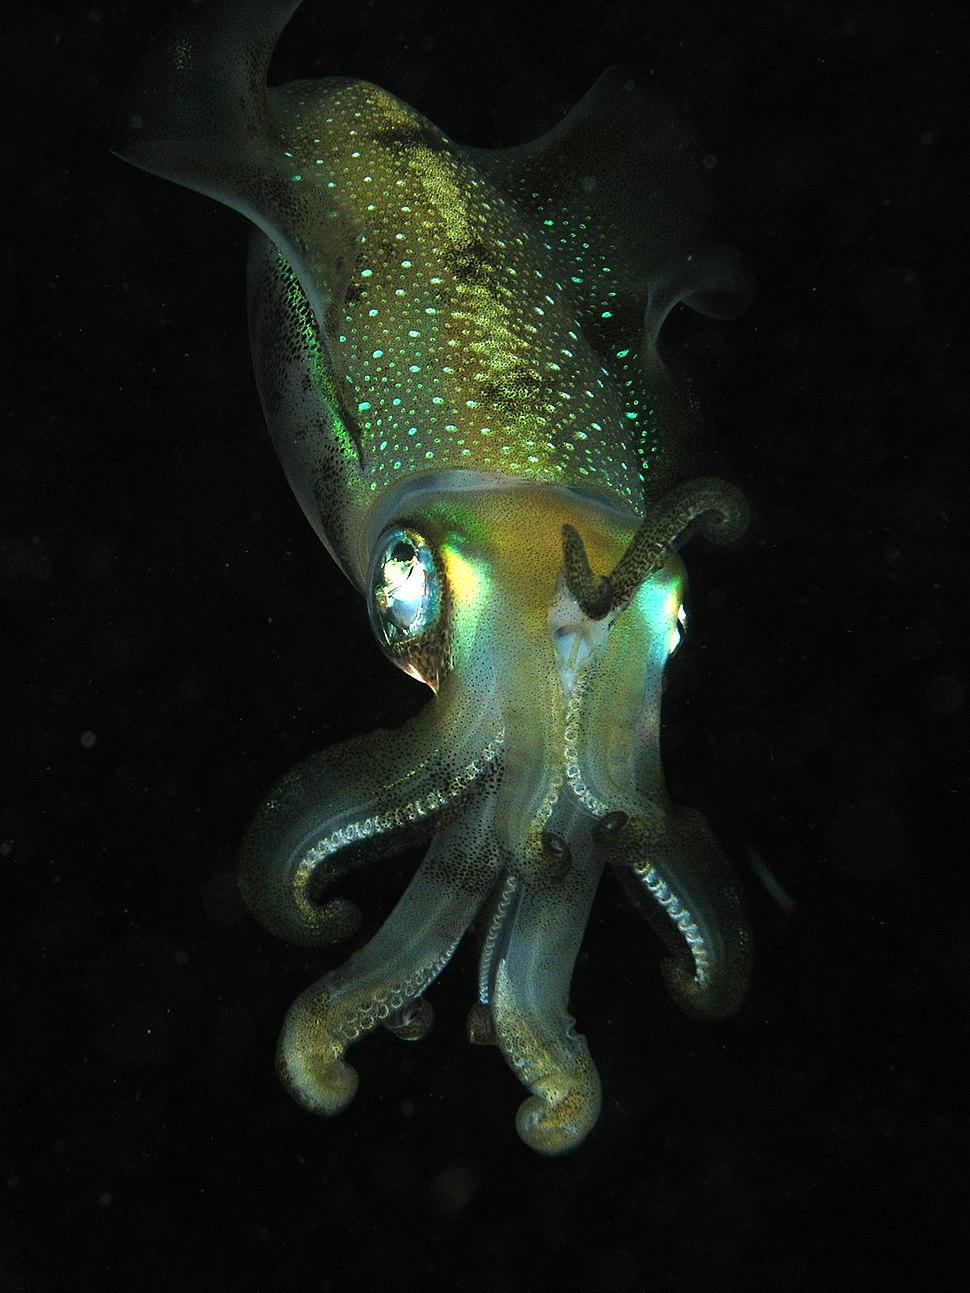 Squid komodo